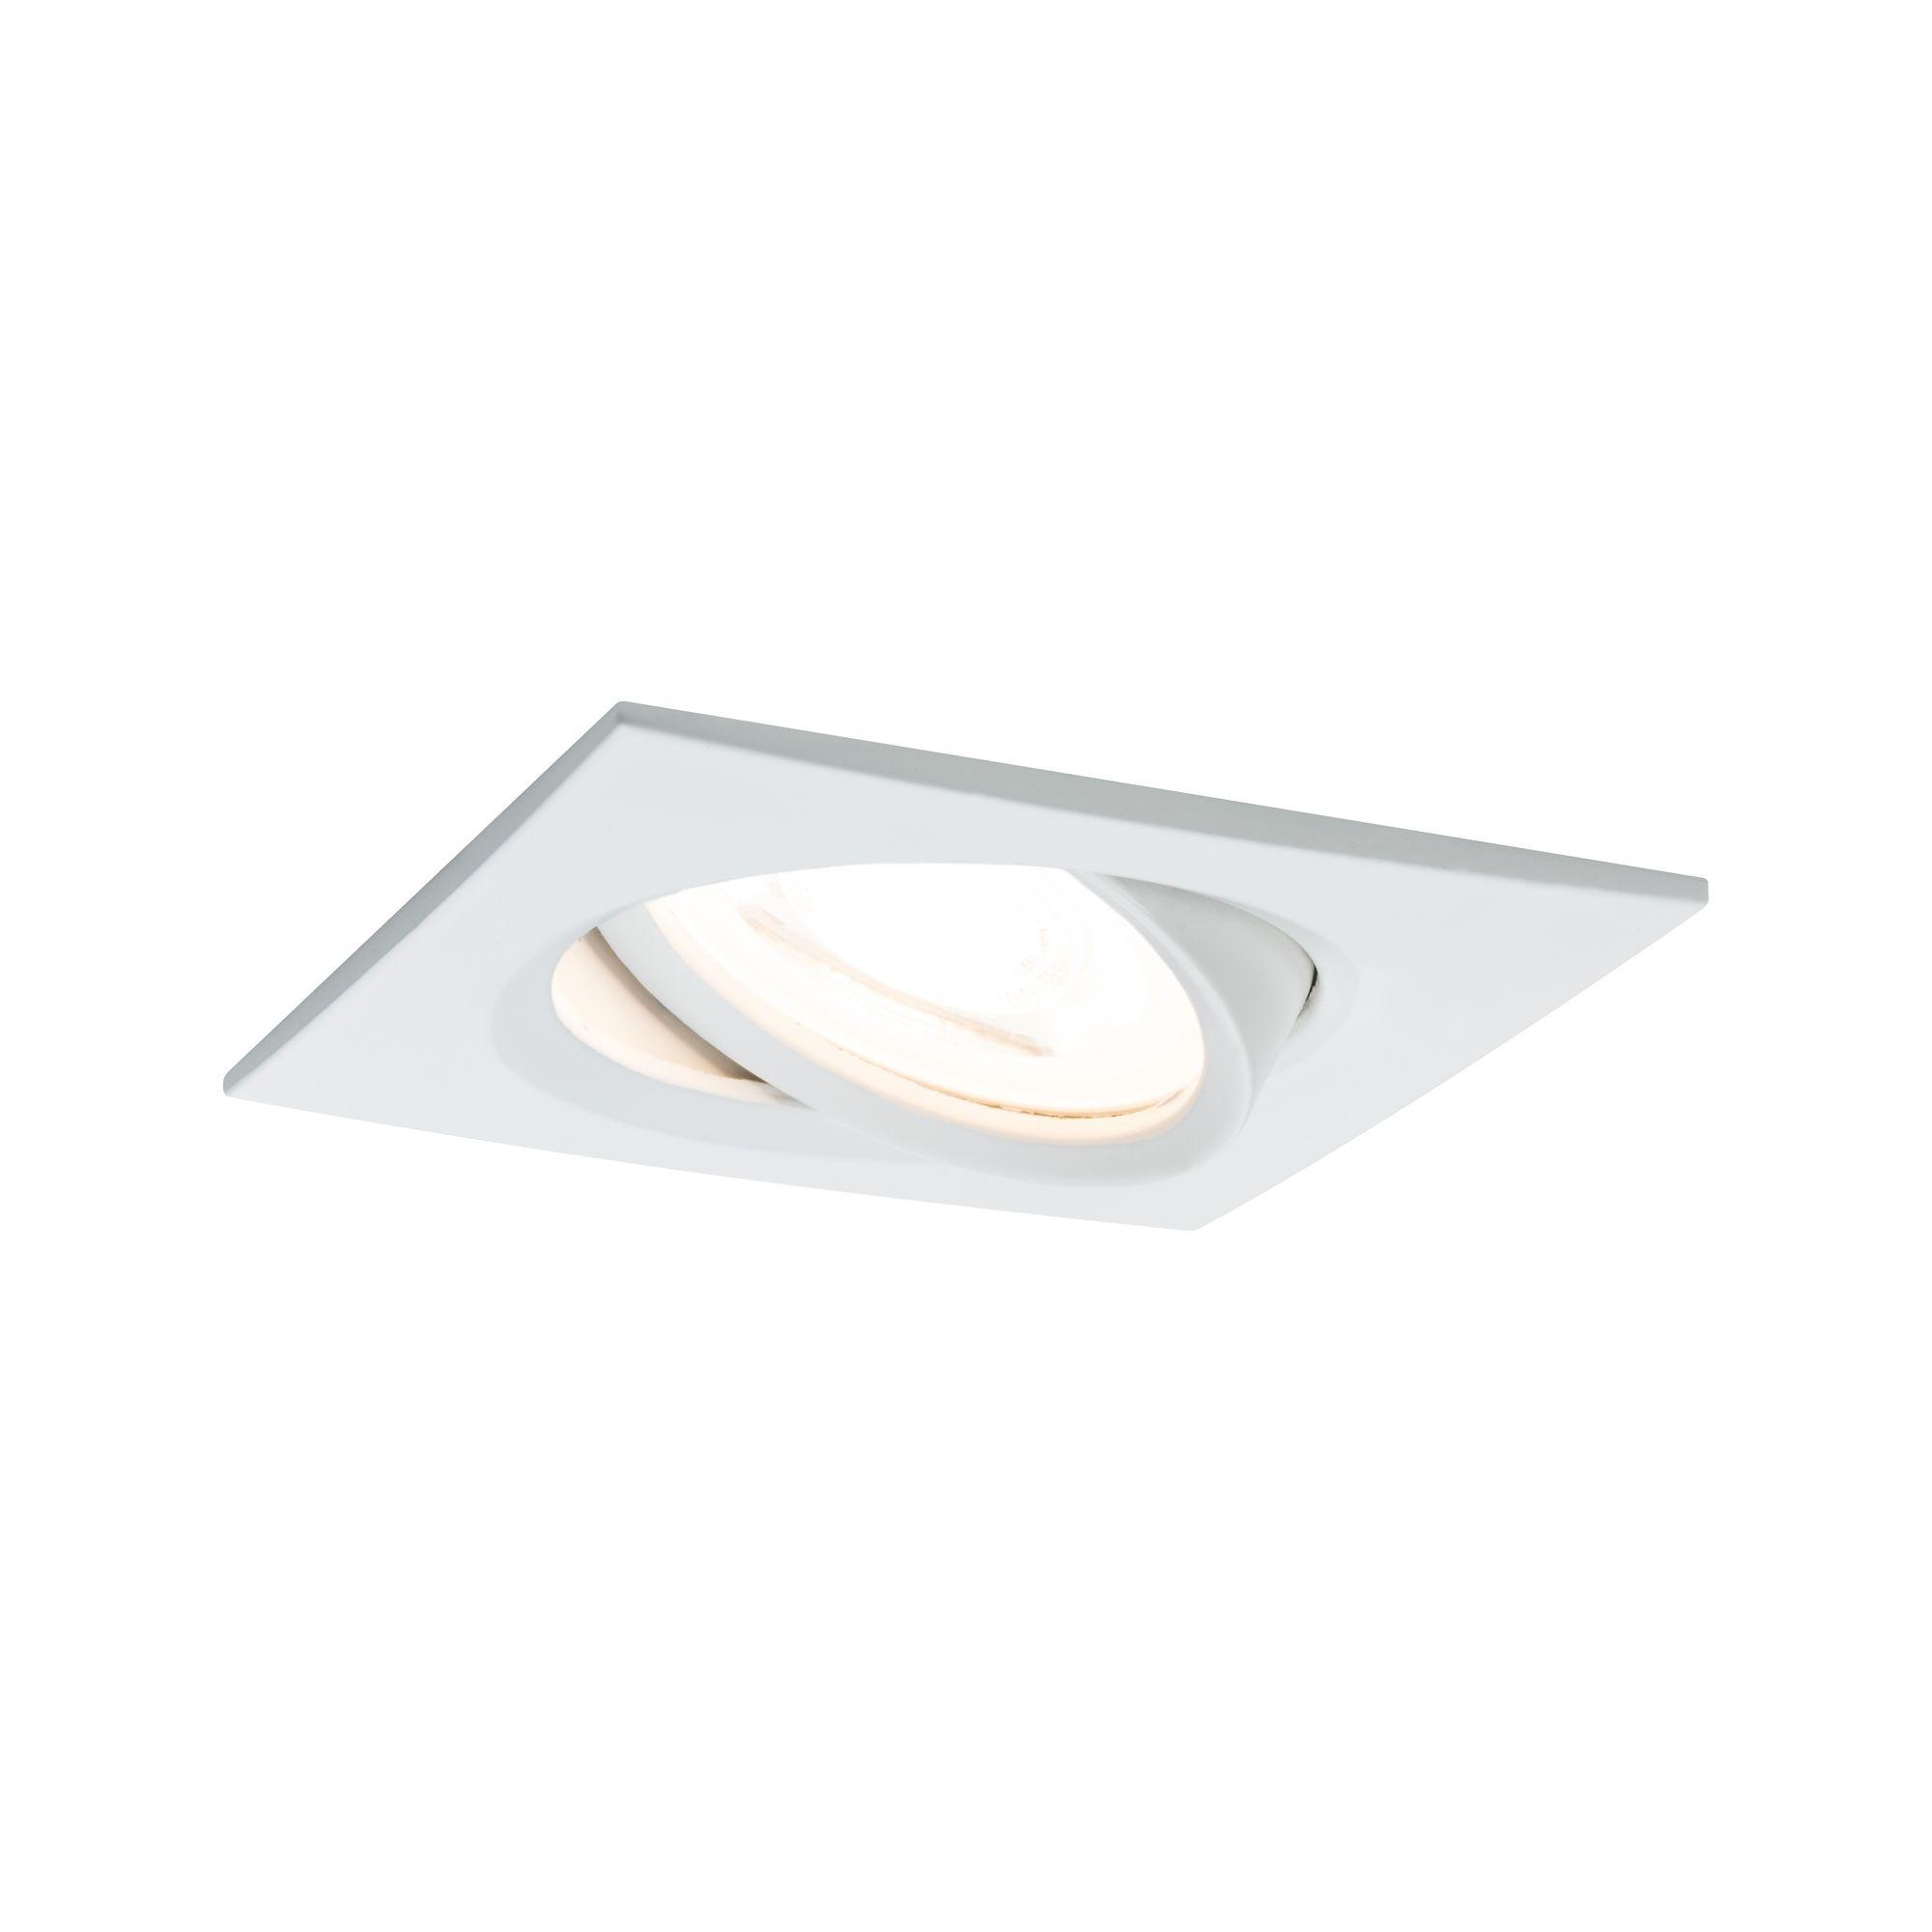 Paulmann EBL Set Nova eckig schwenkbar LED 1x6,5W2700K 230V GU10 51mm Weiß matt/Alu